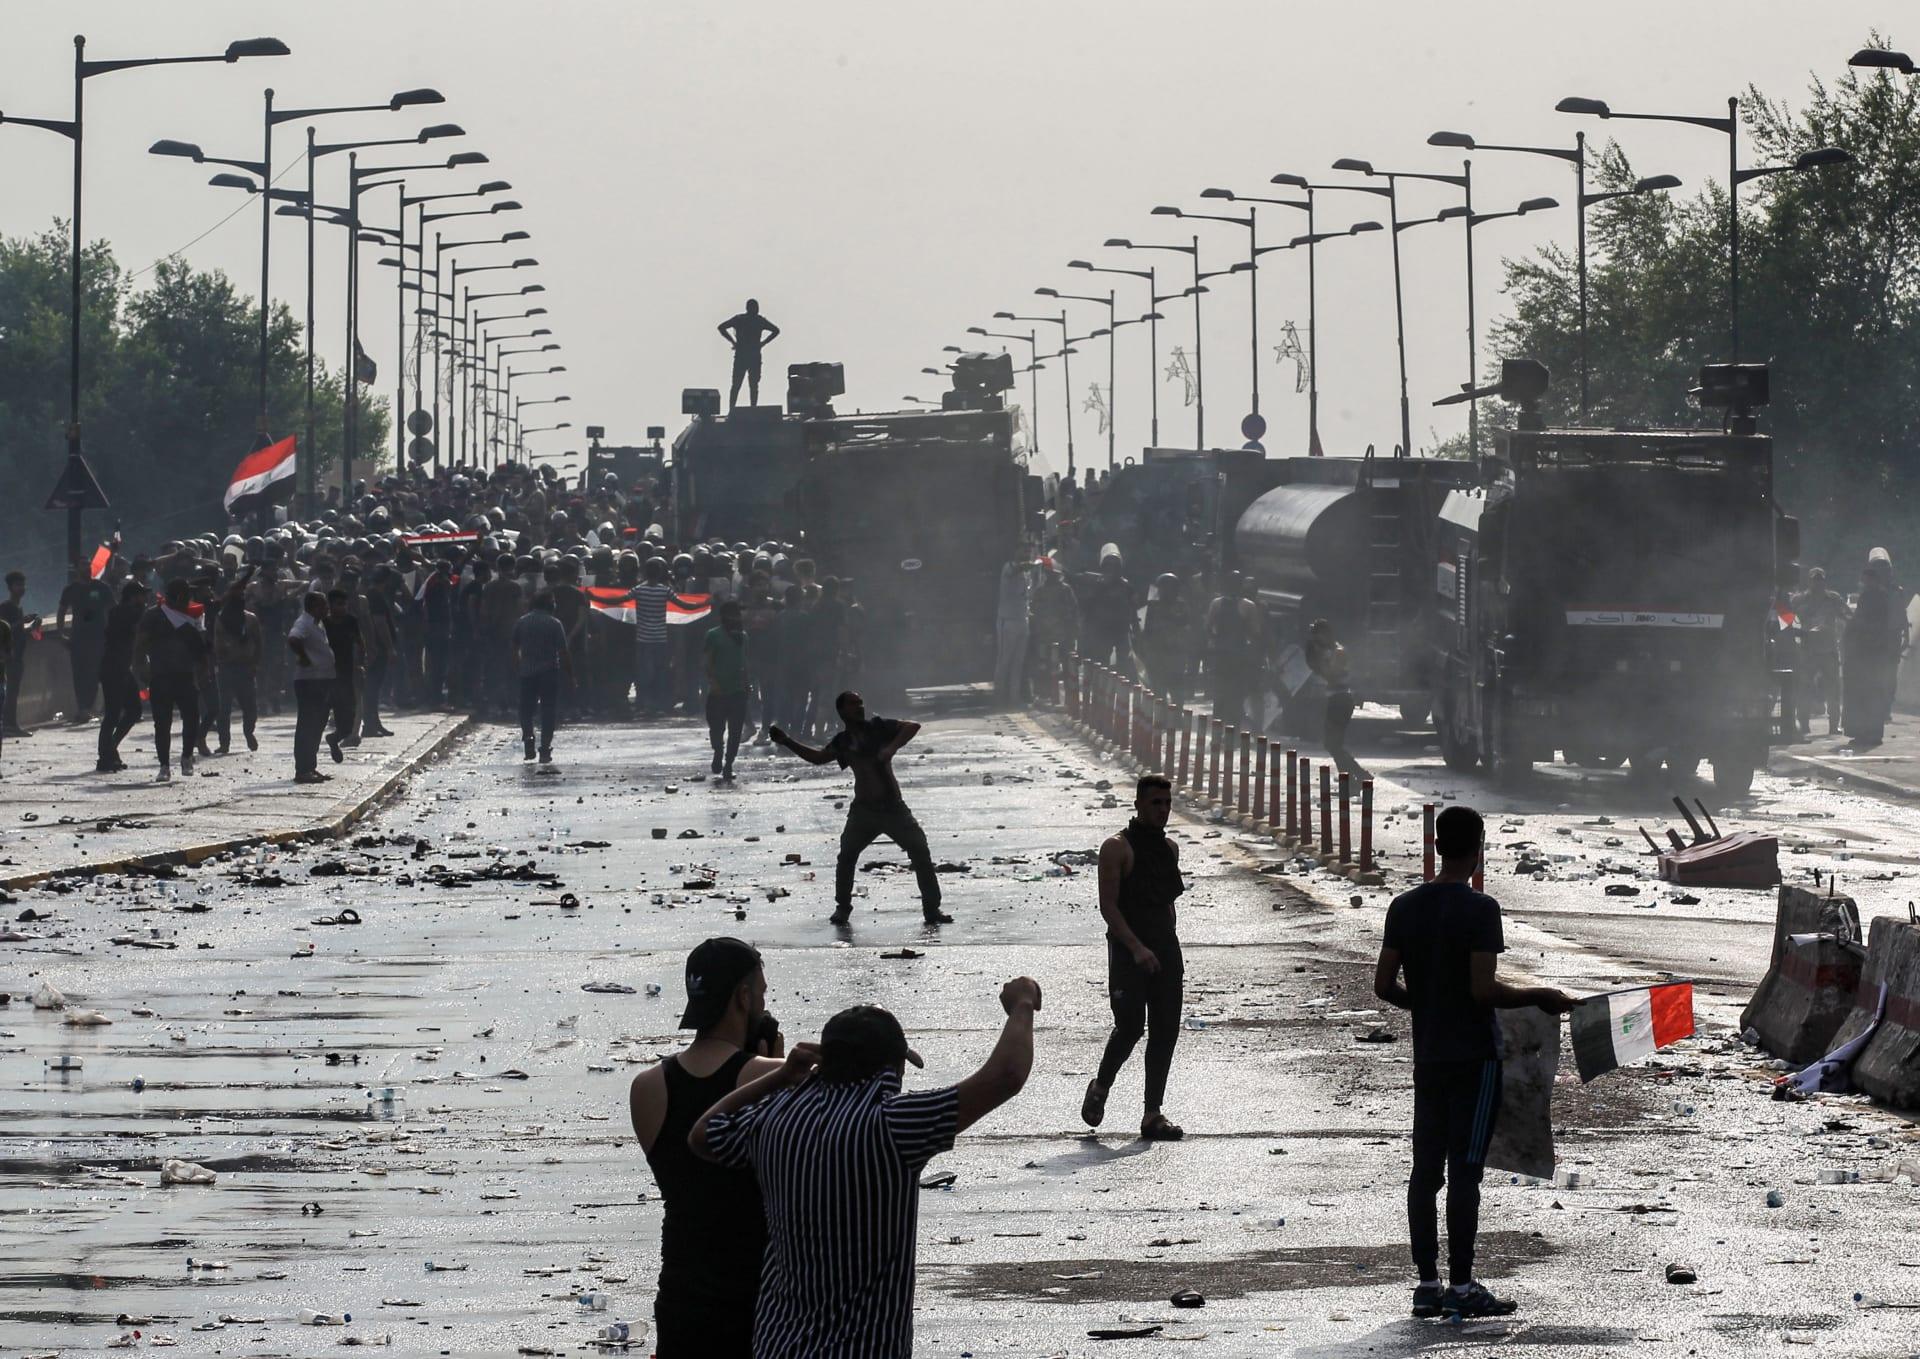 بغاز مُسيل للدموع وذخيرة حية.. قوات الأمن العراقية تفرق مئات حاولوا بلوغ المنطقة الخضراء